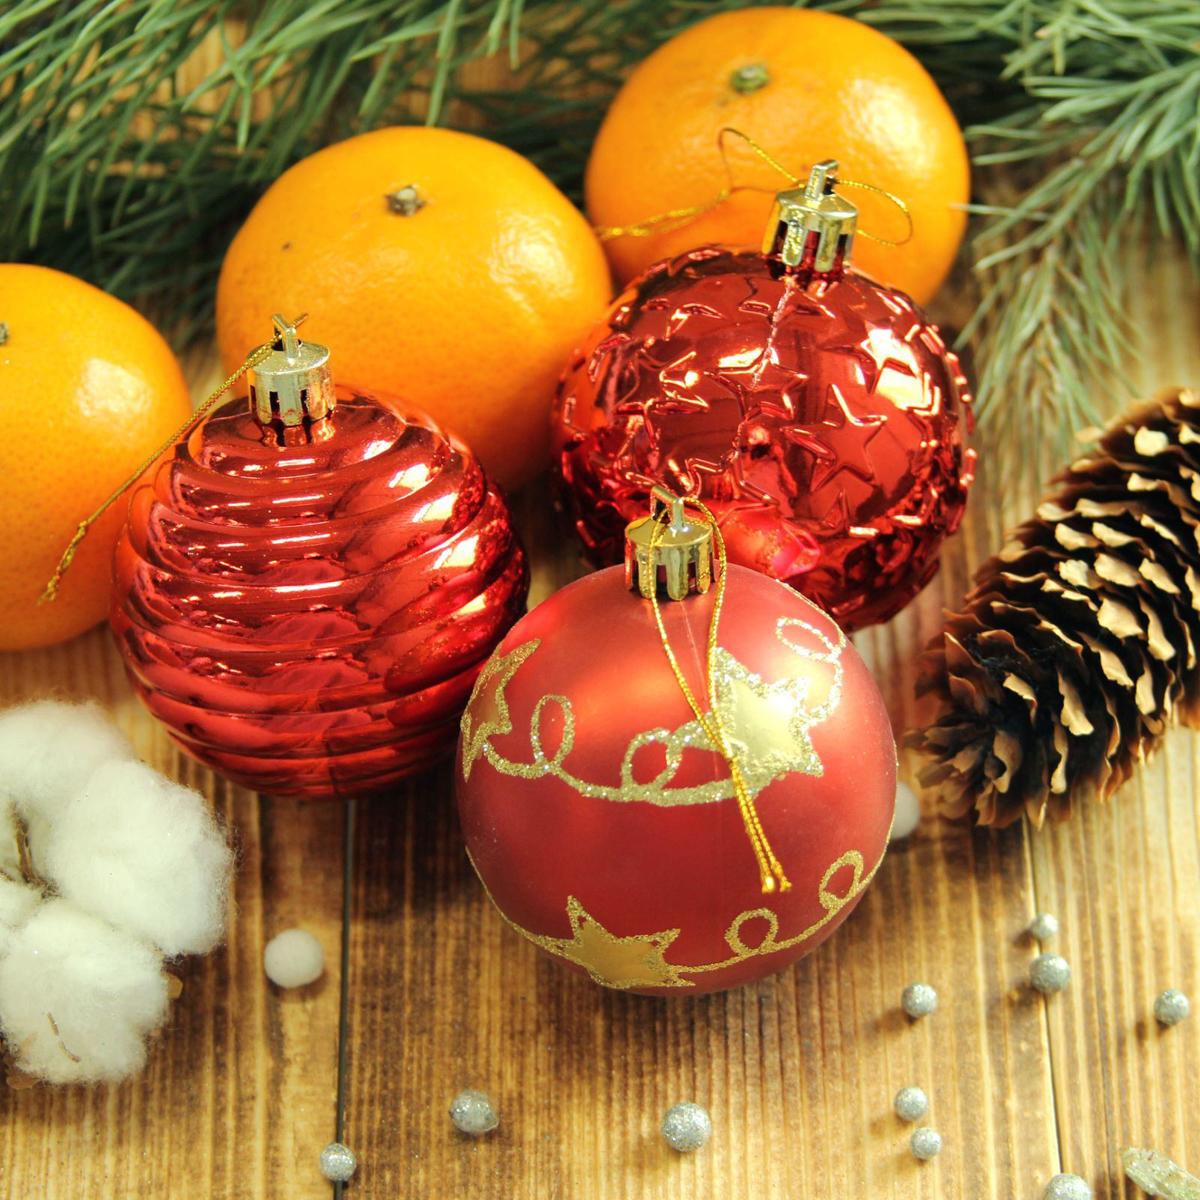 Набор новогодних подвесных украшений Sima-land Элит, цвет: красный, диаметр 6 см, 12 шт2123003Набор новогодних подвесных украшений Sima-land отлично подойдет для декорации вашего дома и новогодней ели. С помощью специальной петельки украшение можно повесить в любом понравившемся вам месте. Но, конечно, удачнее всего оно будет смотреться на праздничной елке. Елочная игрушка - символ Нового года. Она несет в себе волшебство и красоту праздника. Создайте в своем доме атмосферу веселья и радости, украшая новогоднюю елку нарядными игрушками, которые будут из года в год накапливать теплоту воспоминаний.